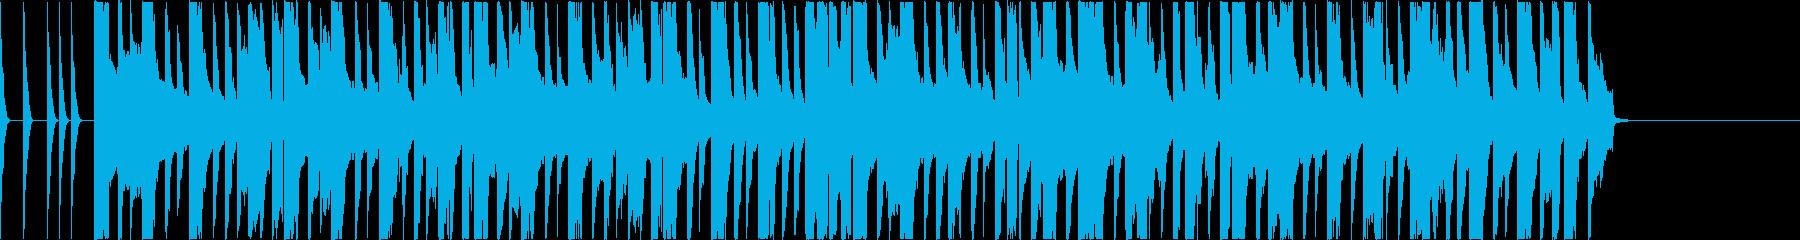 コミカルでちょっぴり切ないシンセ曲の再生済みの波形